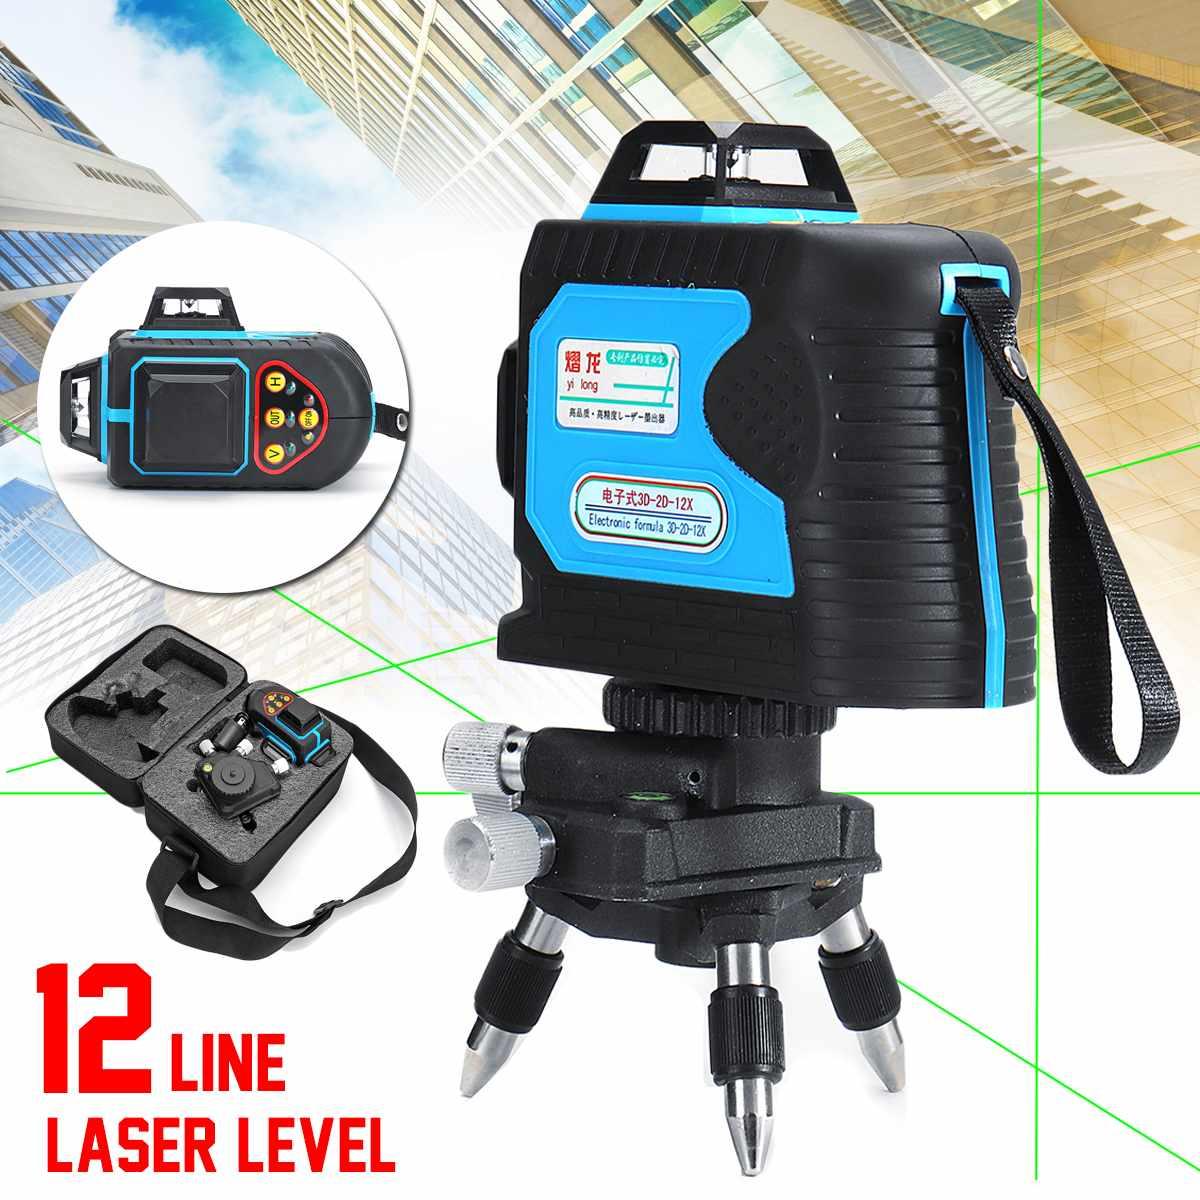 Vert Laser Niveau 3D Précision Auto Nivellement 360 120X12 Lignes Télécommande Antichoc 532nm Longueur D'onde Rechargeable Précis